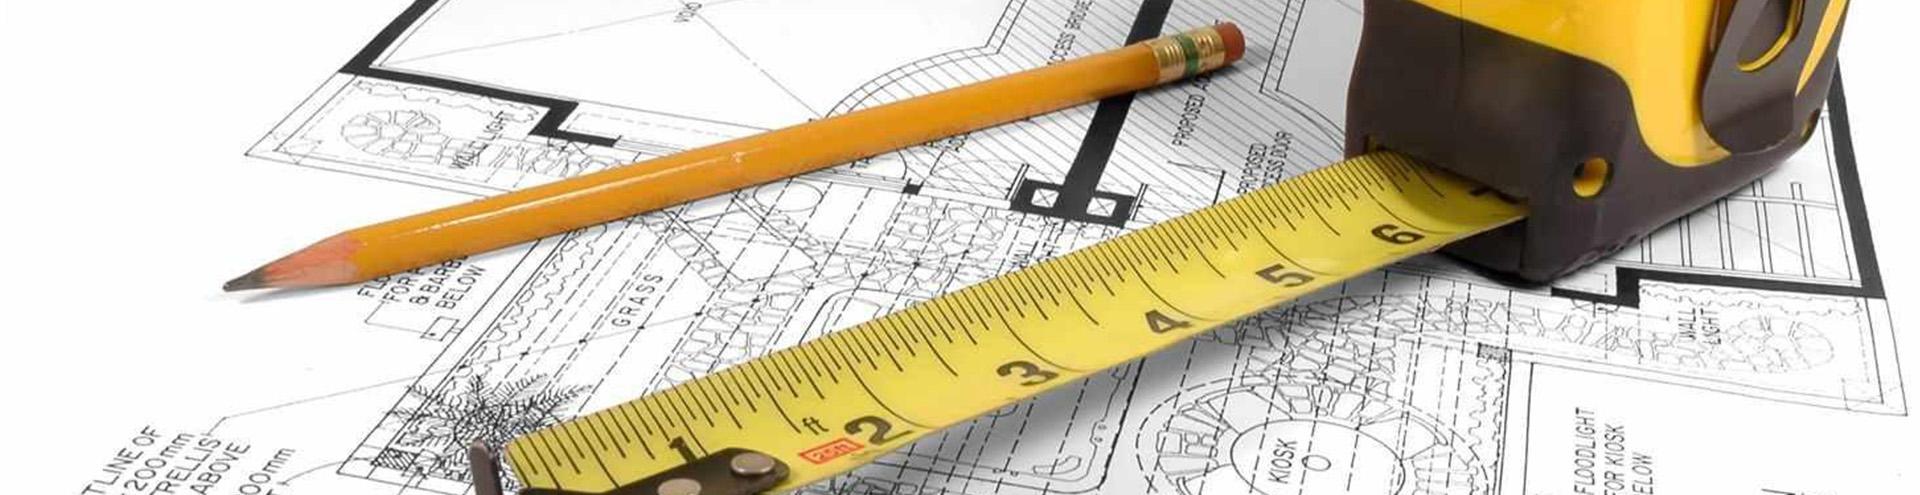 Поможем исправить кадастровую ошибку в Пензе и Пензенской области